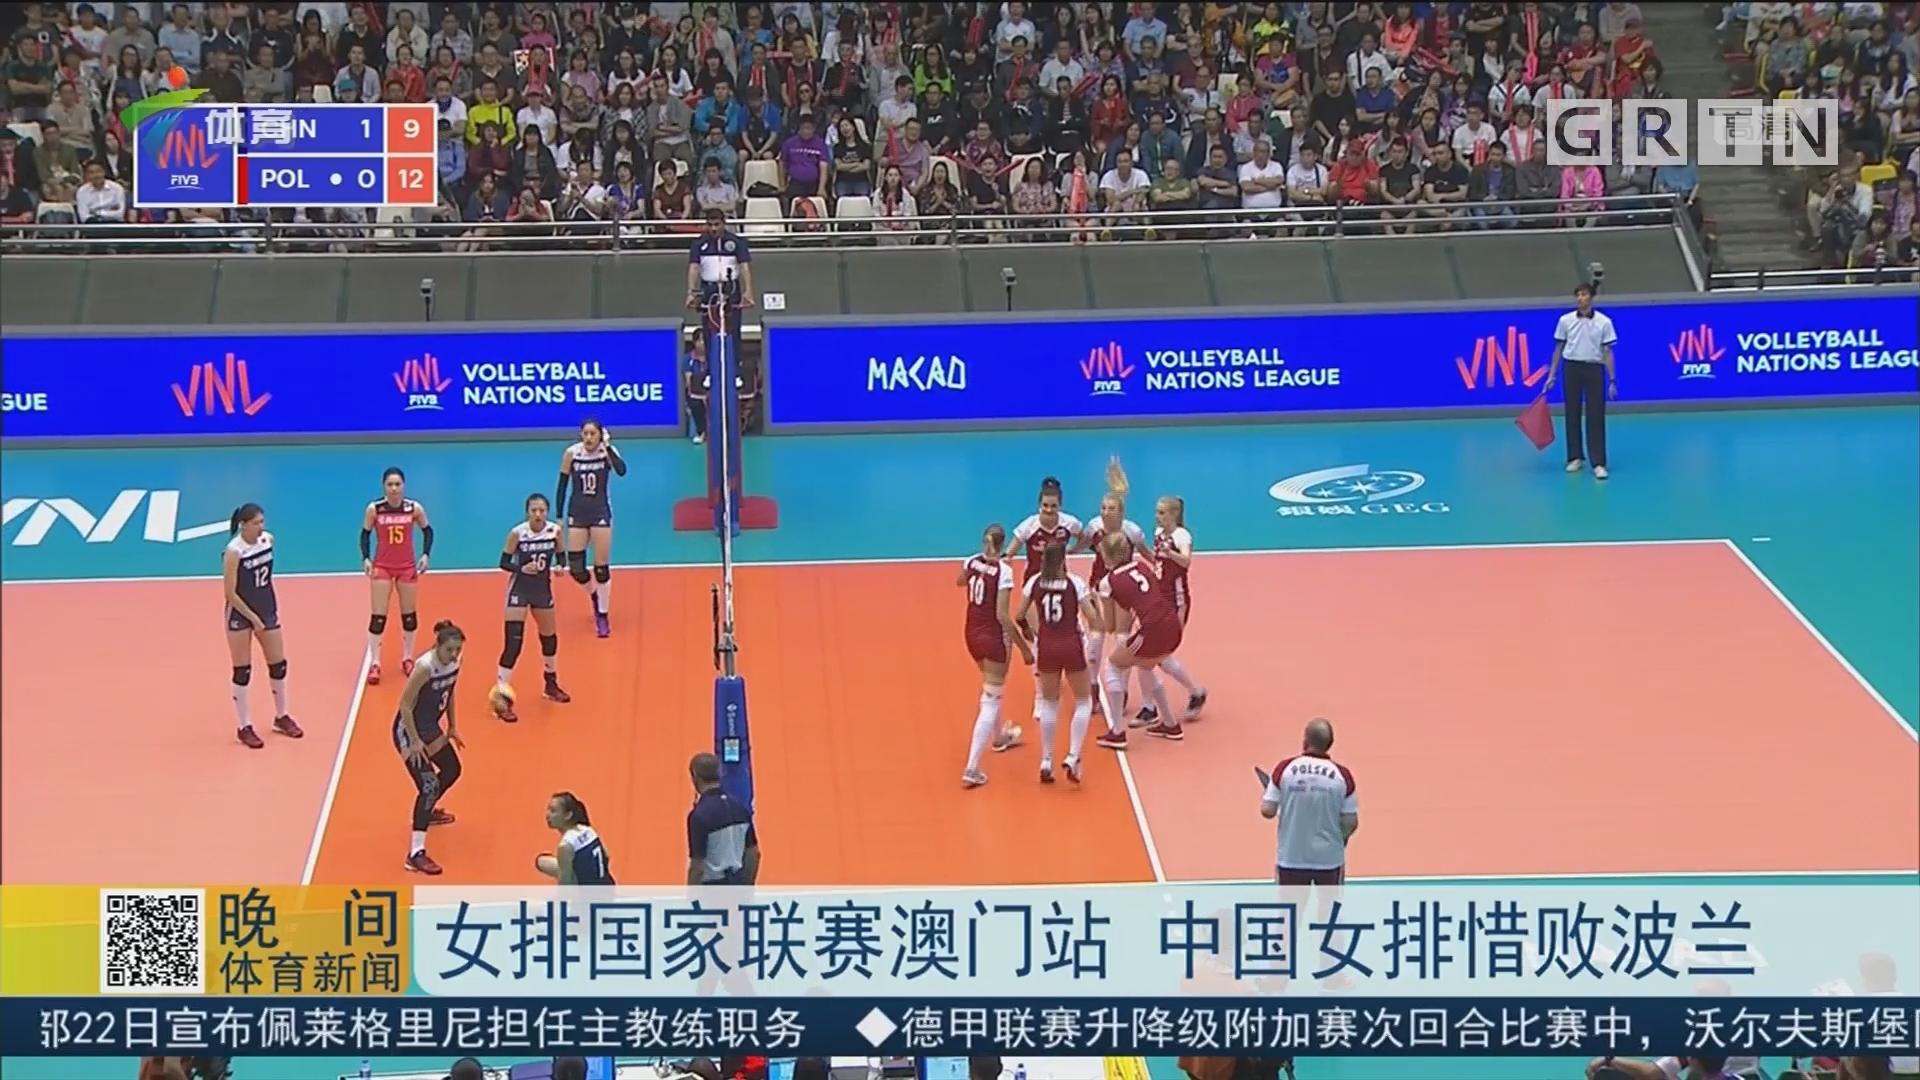 女排国家联赛澳门站 中国女排惜败波兰